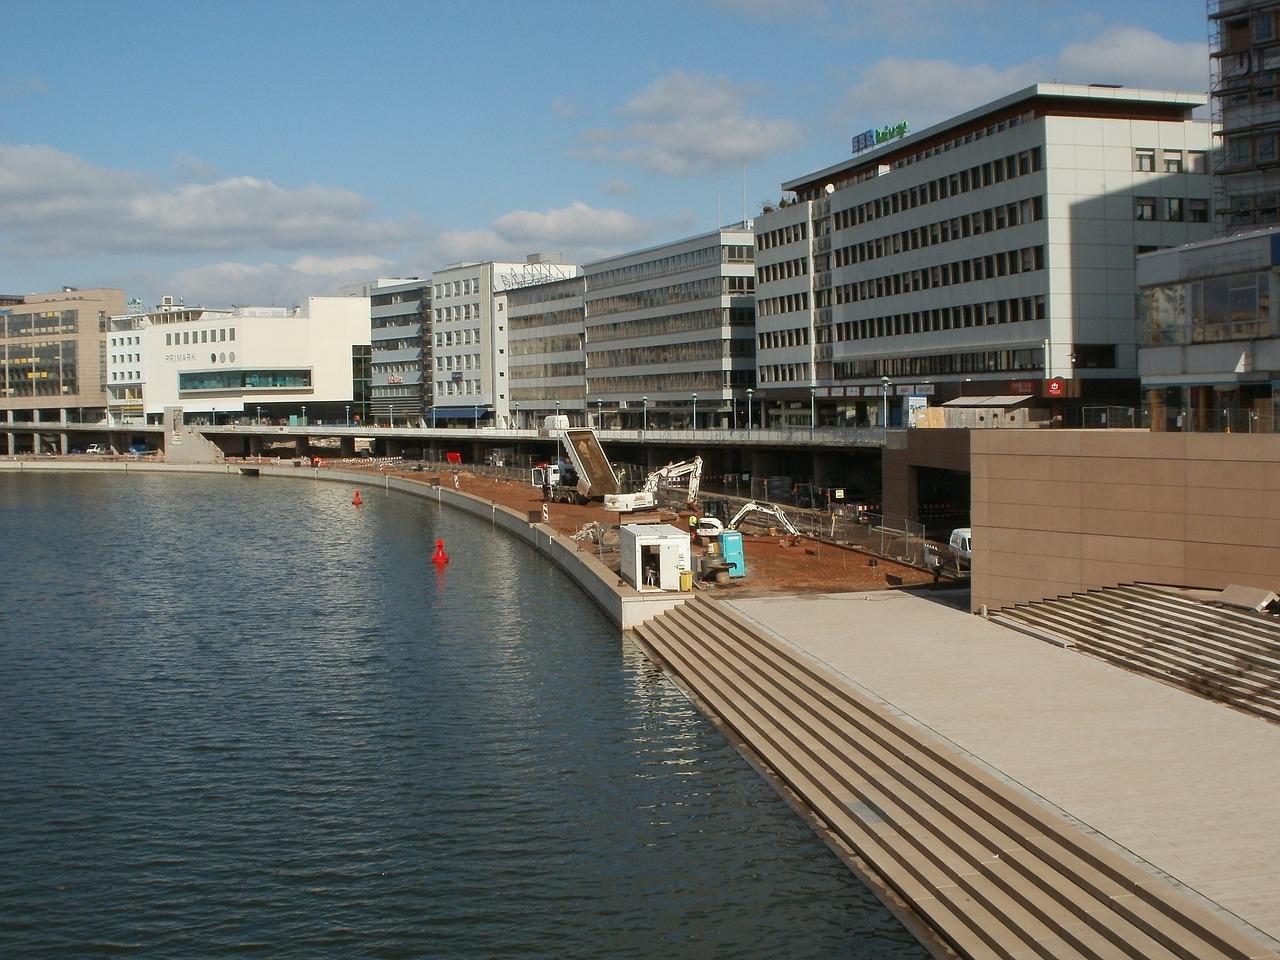 Premier Inn sichert sich erstes Hotel in Saarbrücken